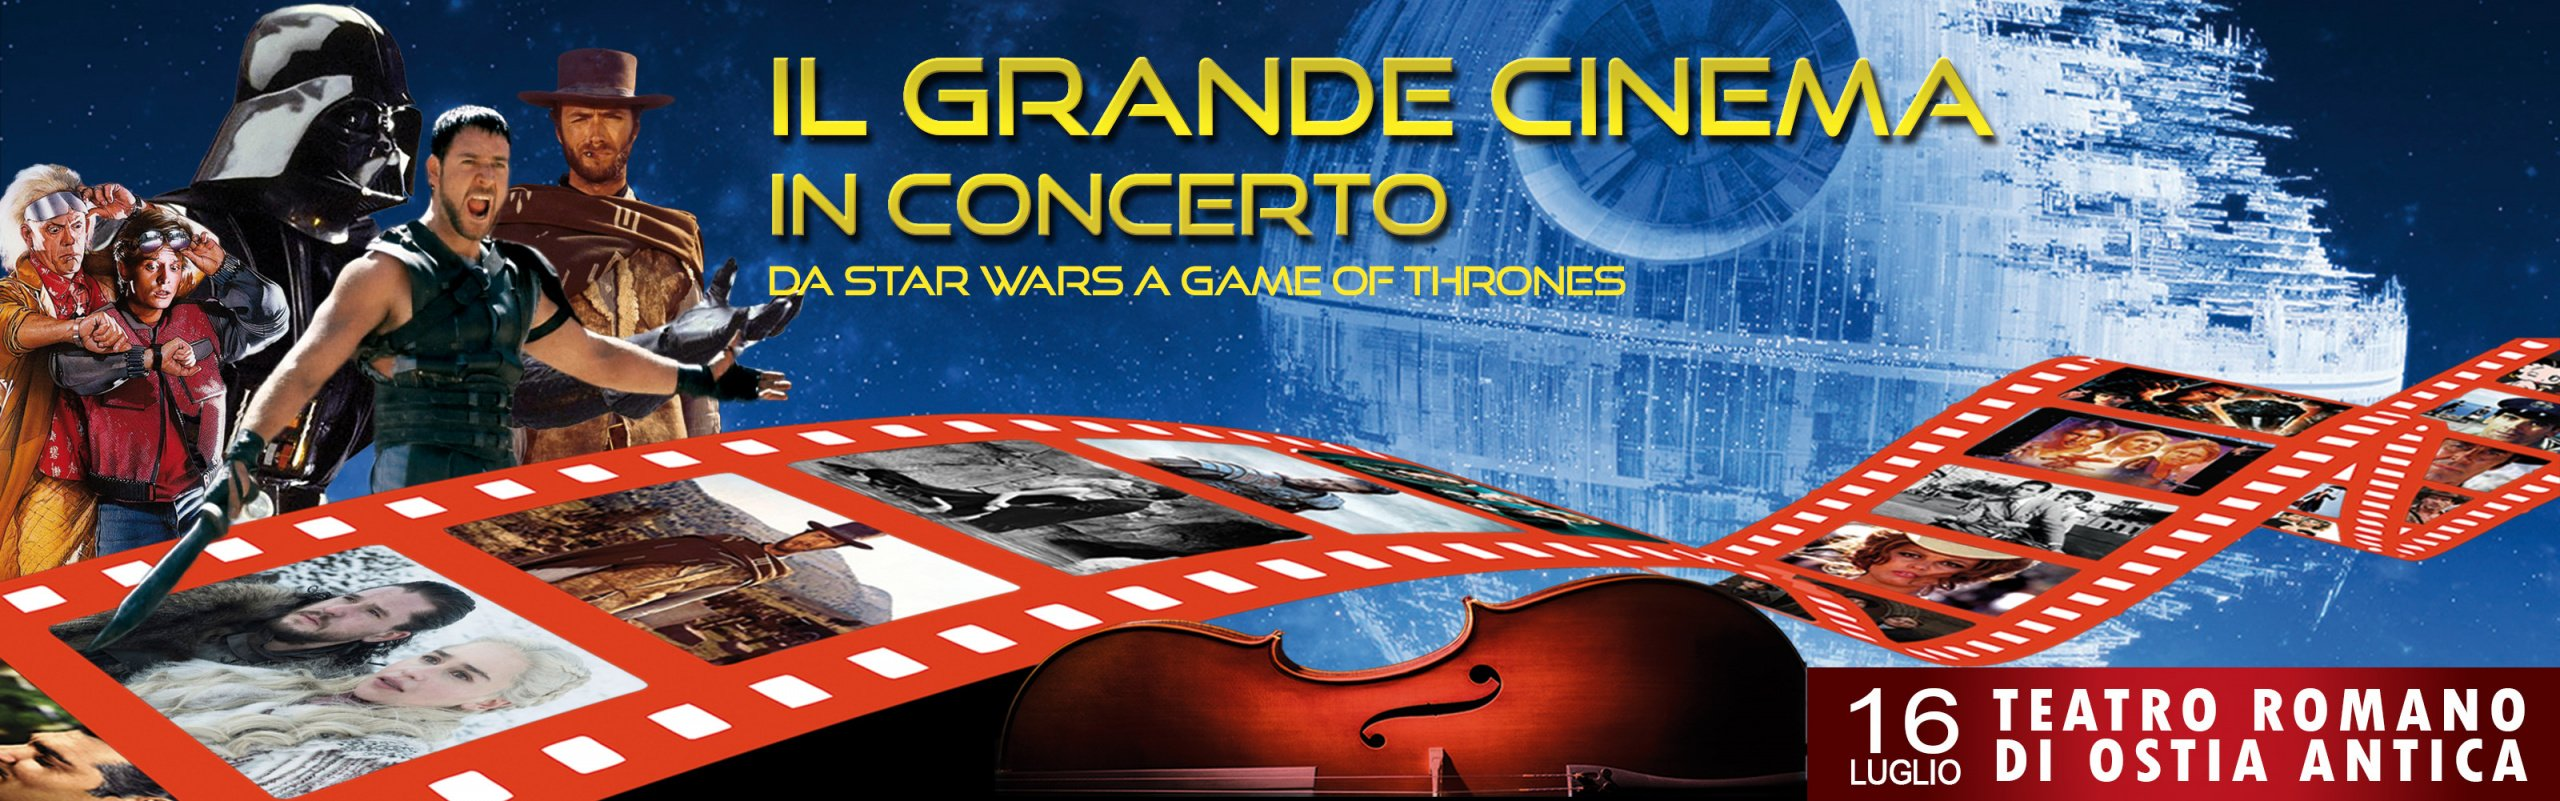 Movies In Concert Teatro Romano Ostia Antica